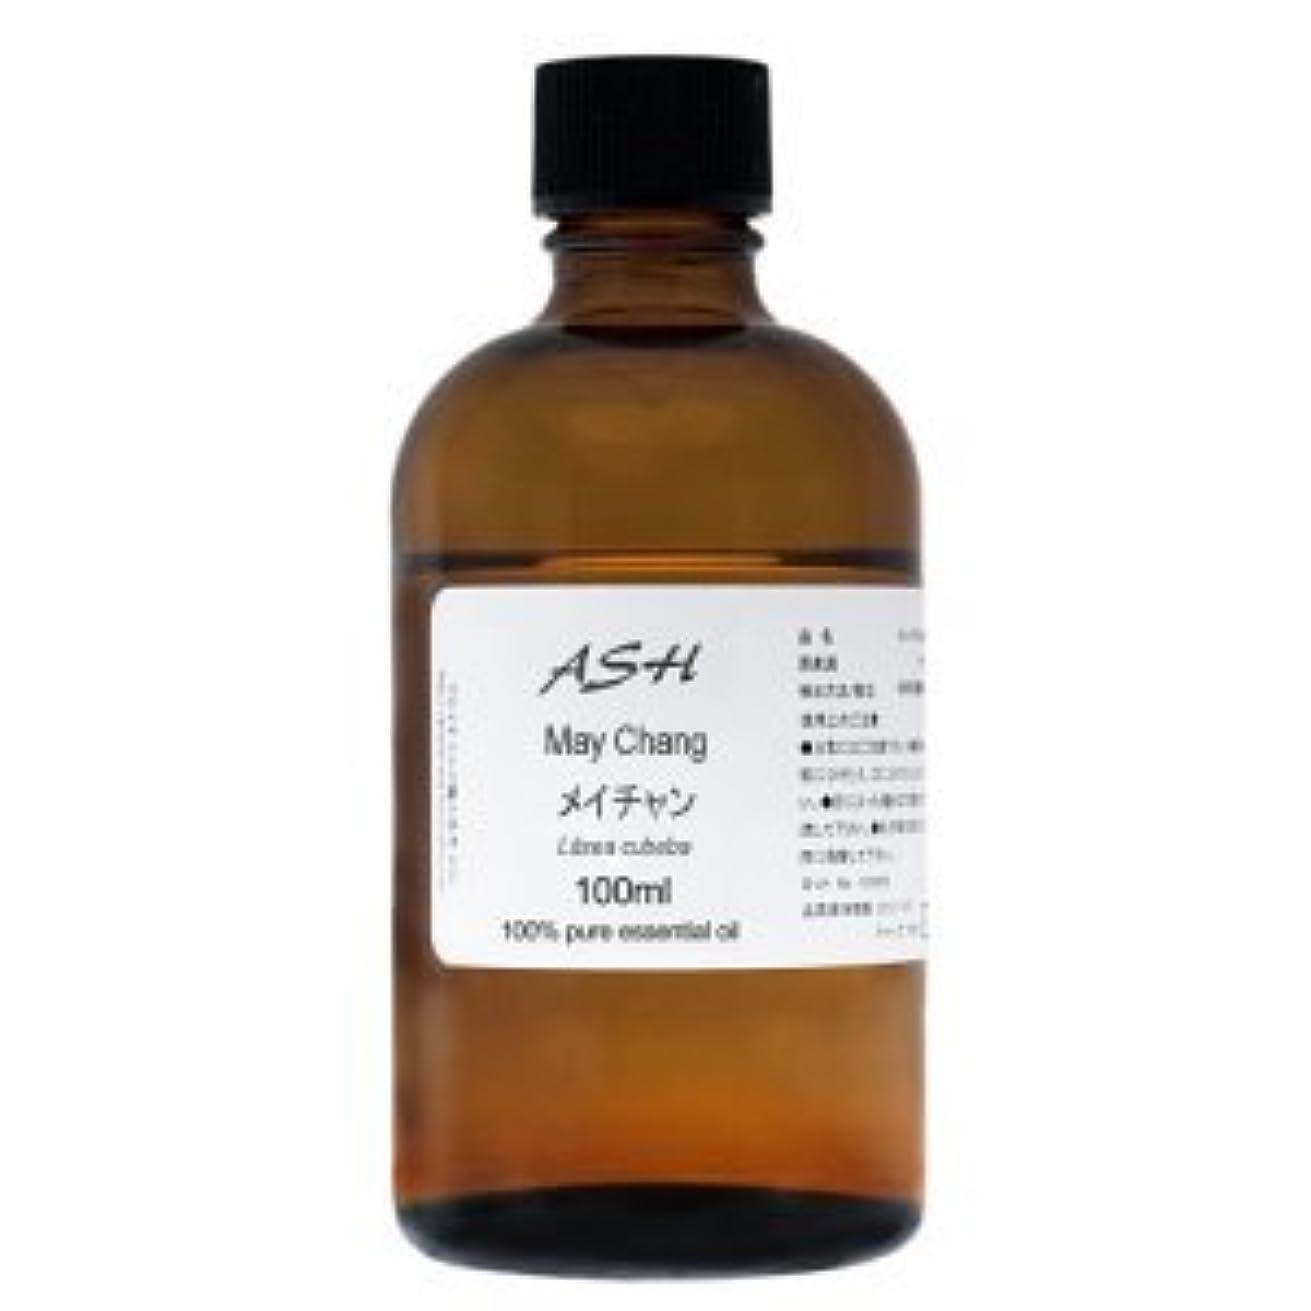 幻想クラフト不均一ASH メイチャン エッセンシャルオイル 100ml AEAJ表示基準適合認定精油